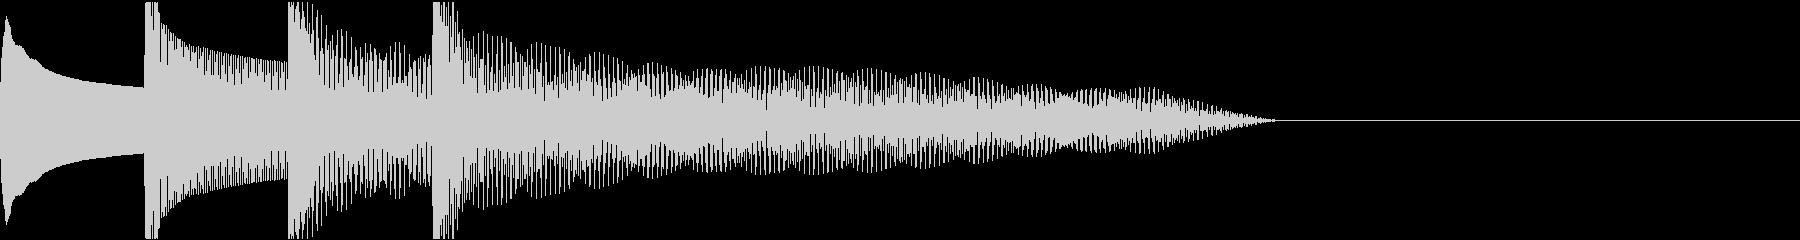 ピンポンパンポン下降チャイムB1の未再生の波形